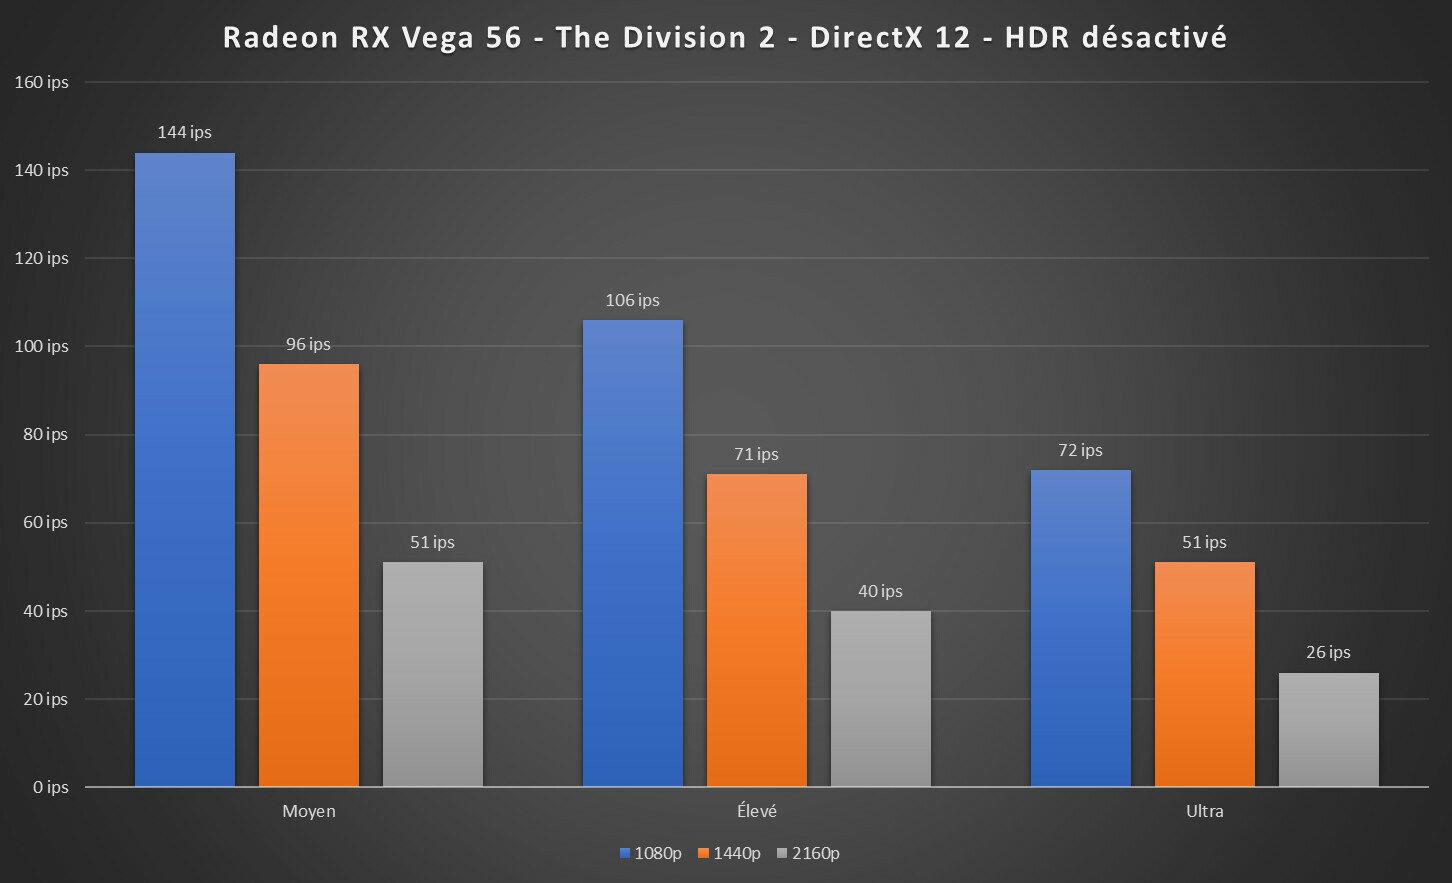 Radeon RX Vega 56 The Division 2